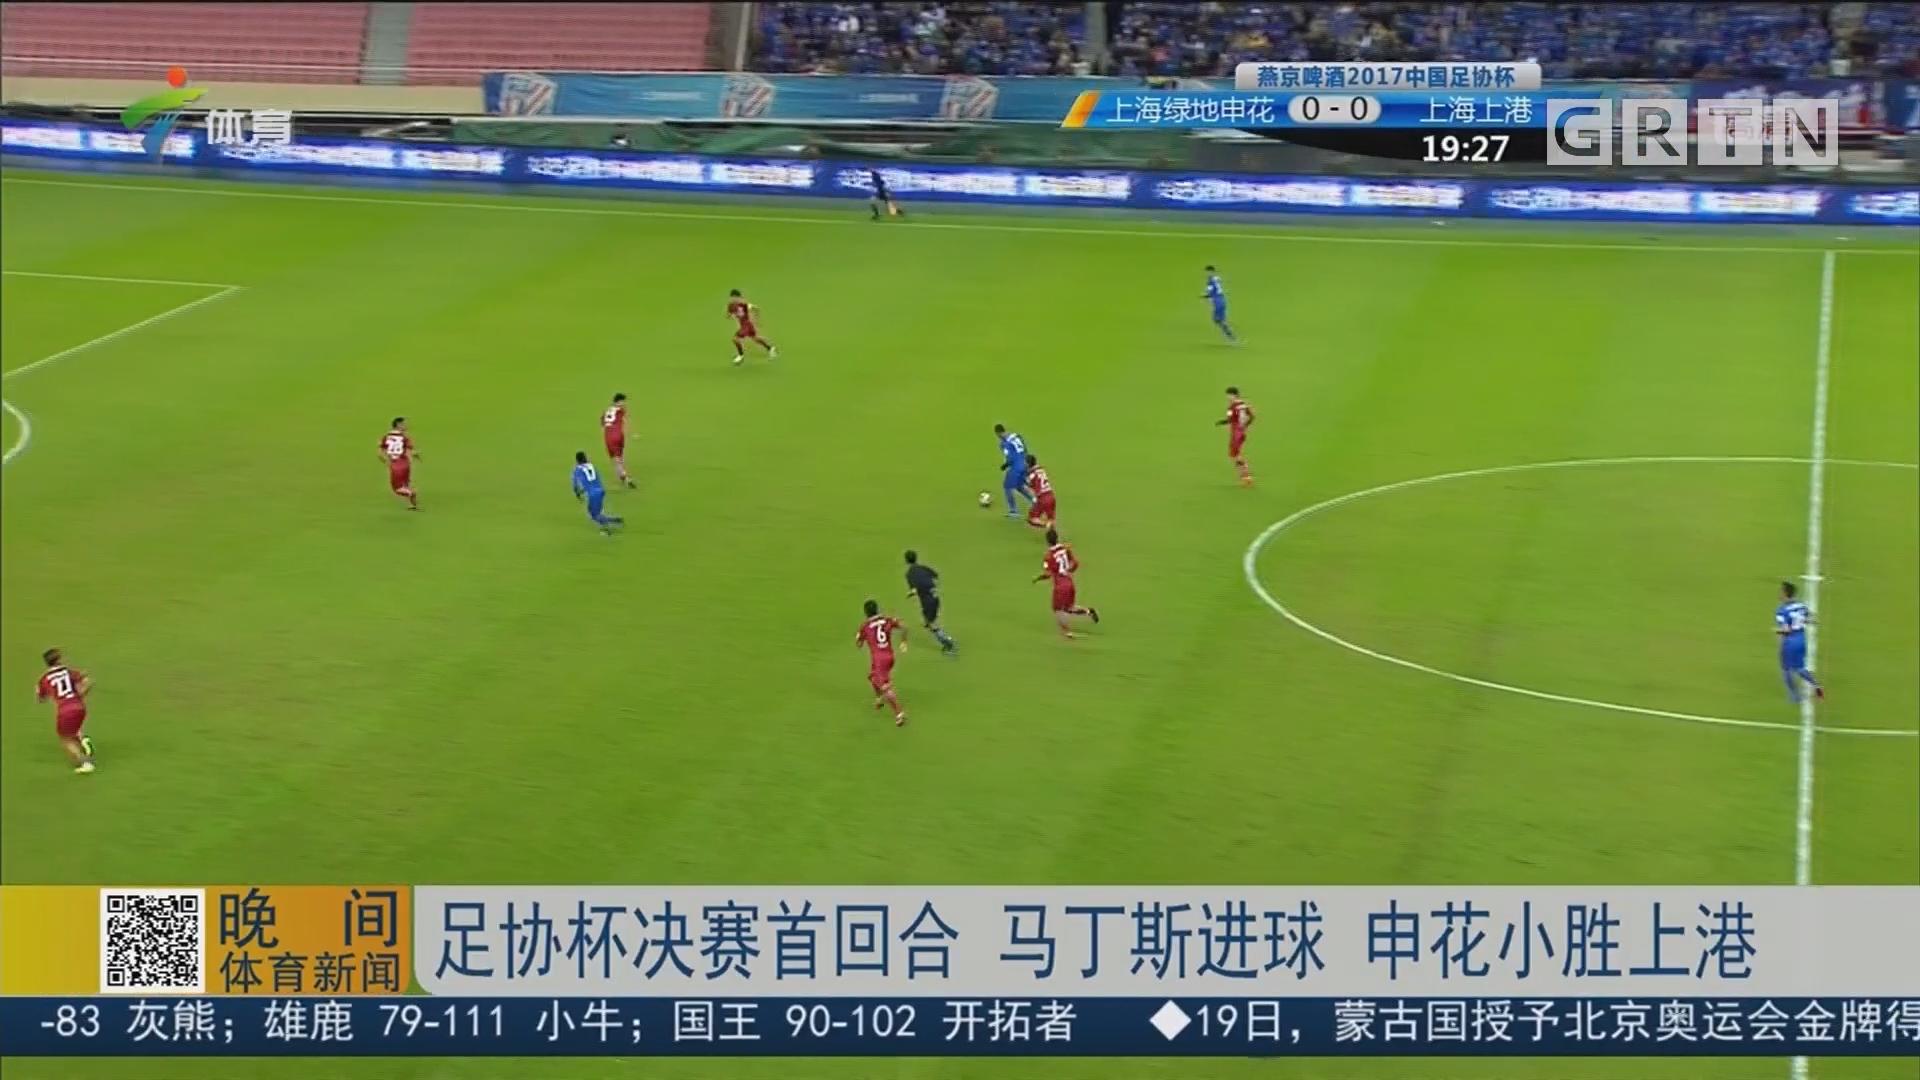 足协杯决赛首回合 马丁斯进球 申花小胜上港